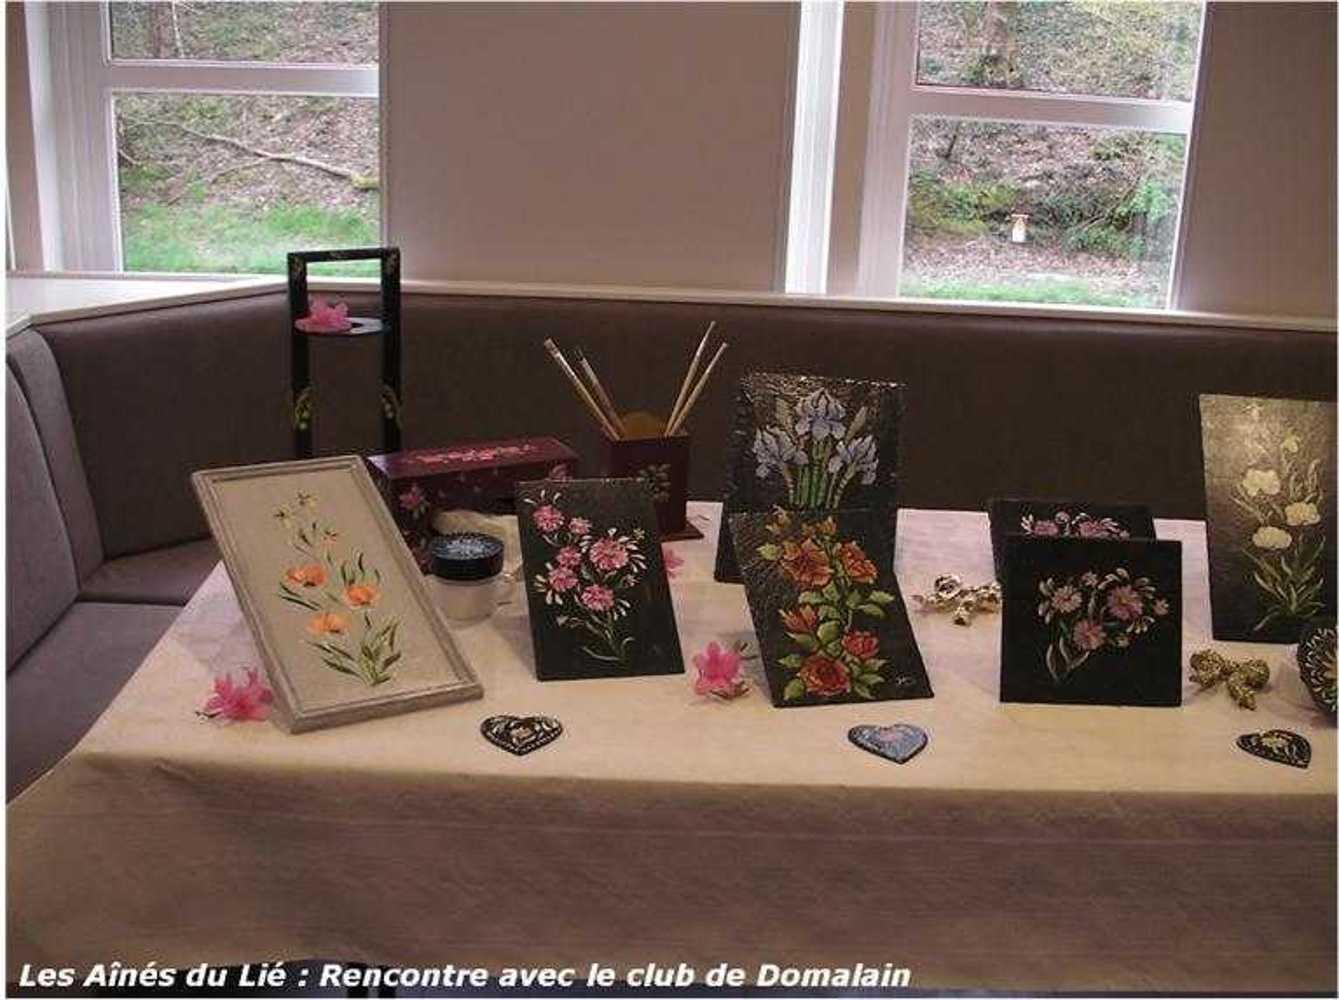 Les Aînés du Lié : photos de la rencontre avec le club de Domalain (35) image50